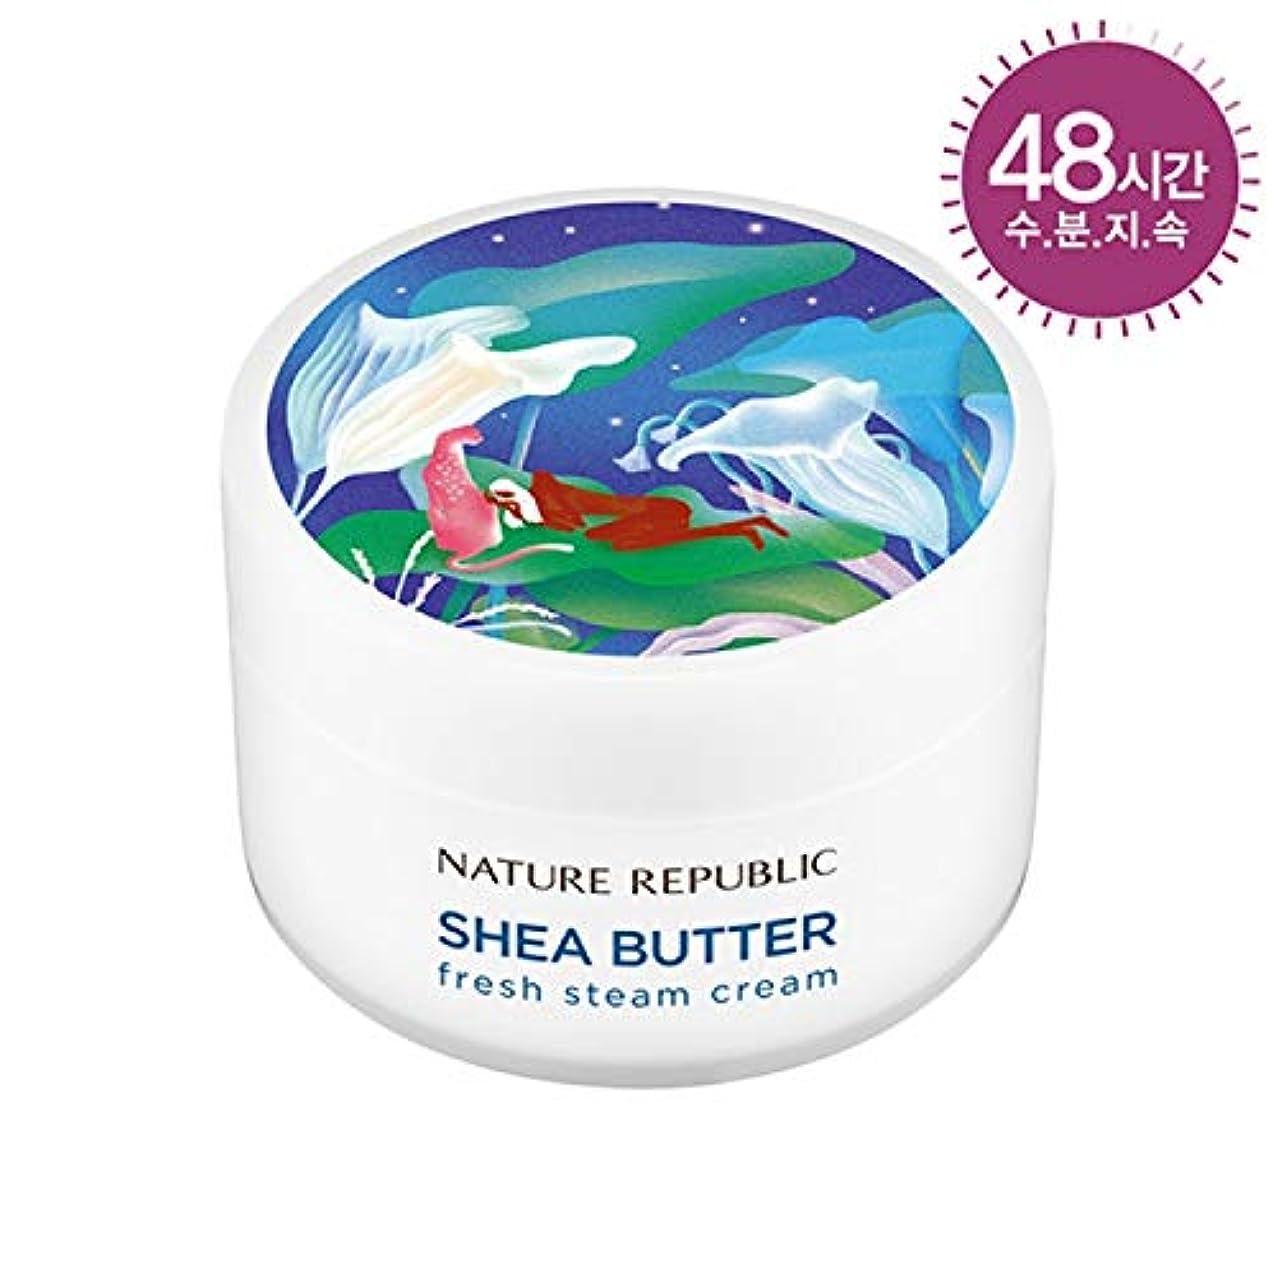 先安全でない存在するネイチャーリパブリック(Nature Republic)シェアバタースチームクリームフレッシュ(混合肌用) 100ml / Shea Butter Steam Cream 100ml (Fresh) :: 韓国コスメ [...